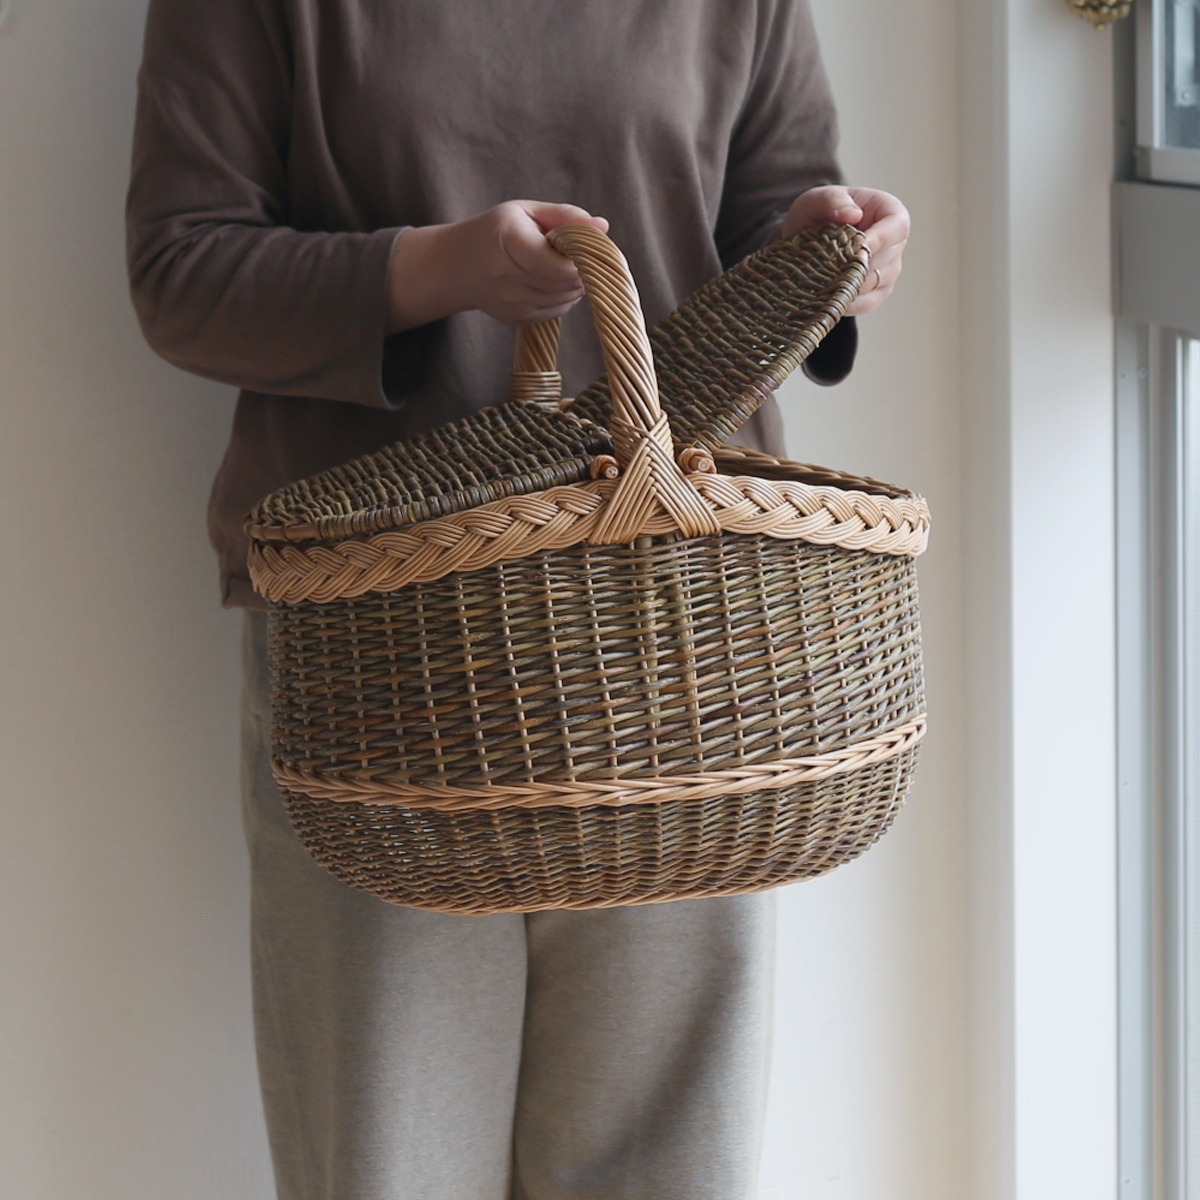 ラトビアのピクニックバスケット(フタつき)/かご/バスケット/ヤナギのかご